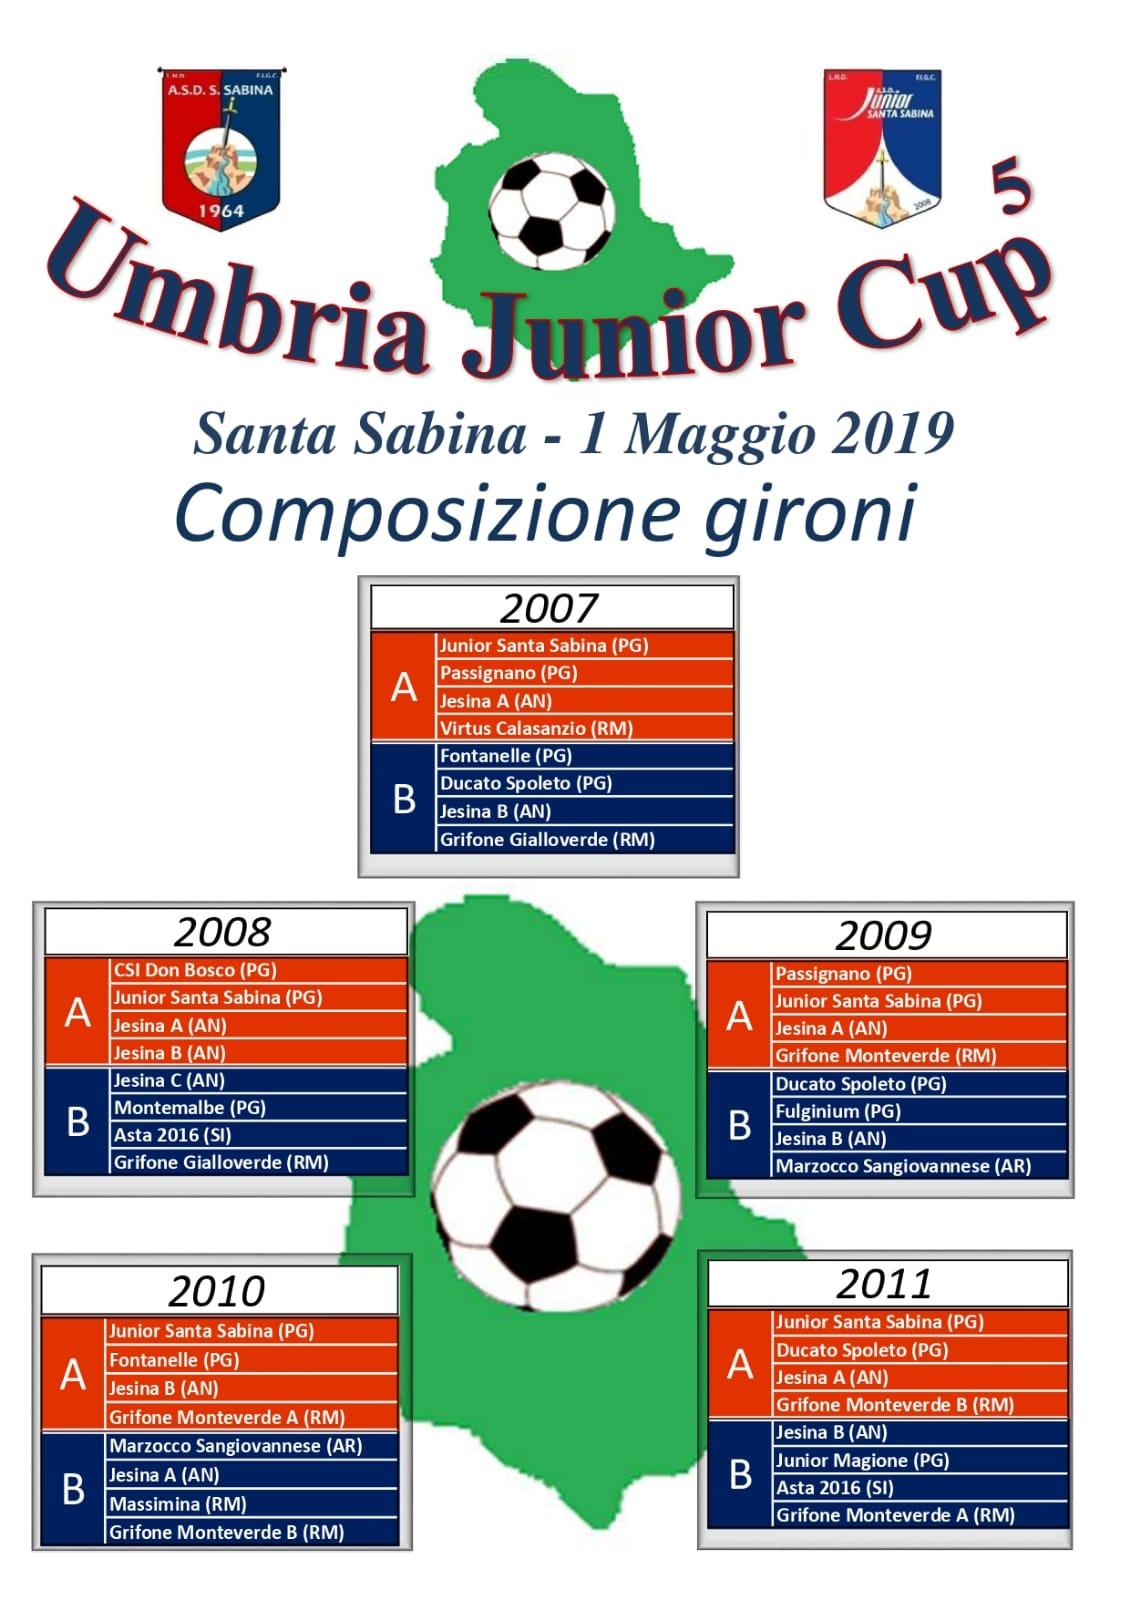 Umbria Junior Cup 5